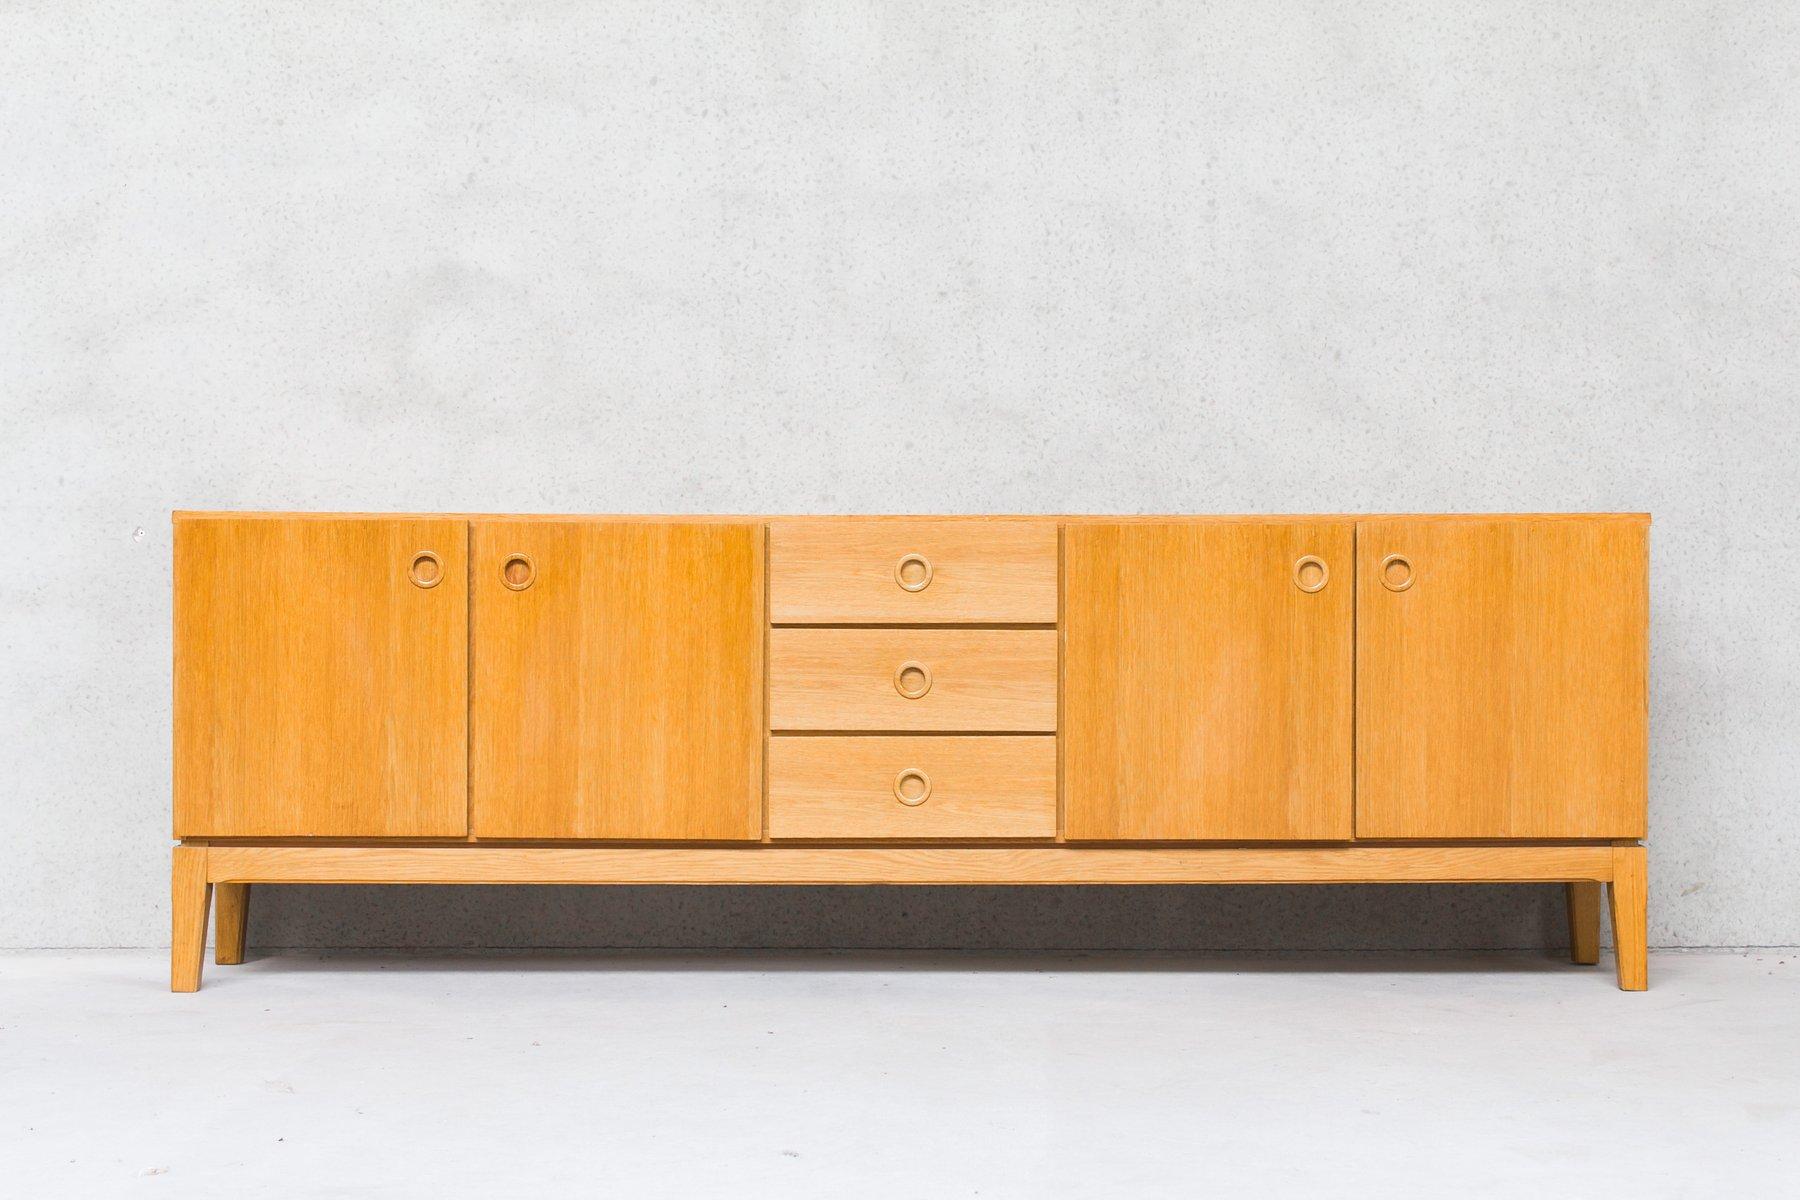 Skandinavisches vintage sideboard mit schubladen t ren for Skandinavisches sideboard